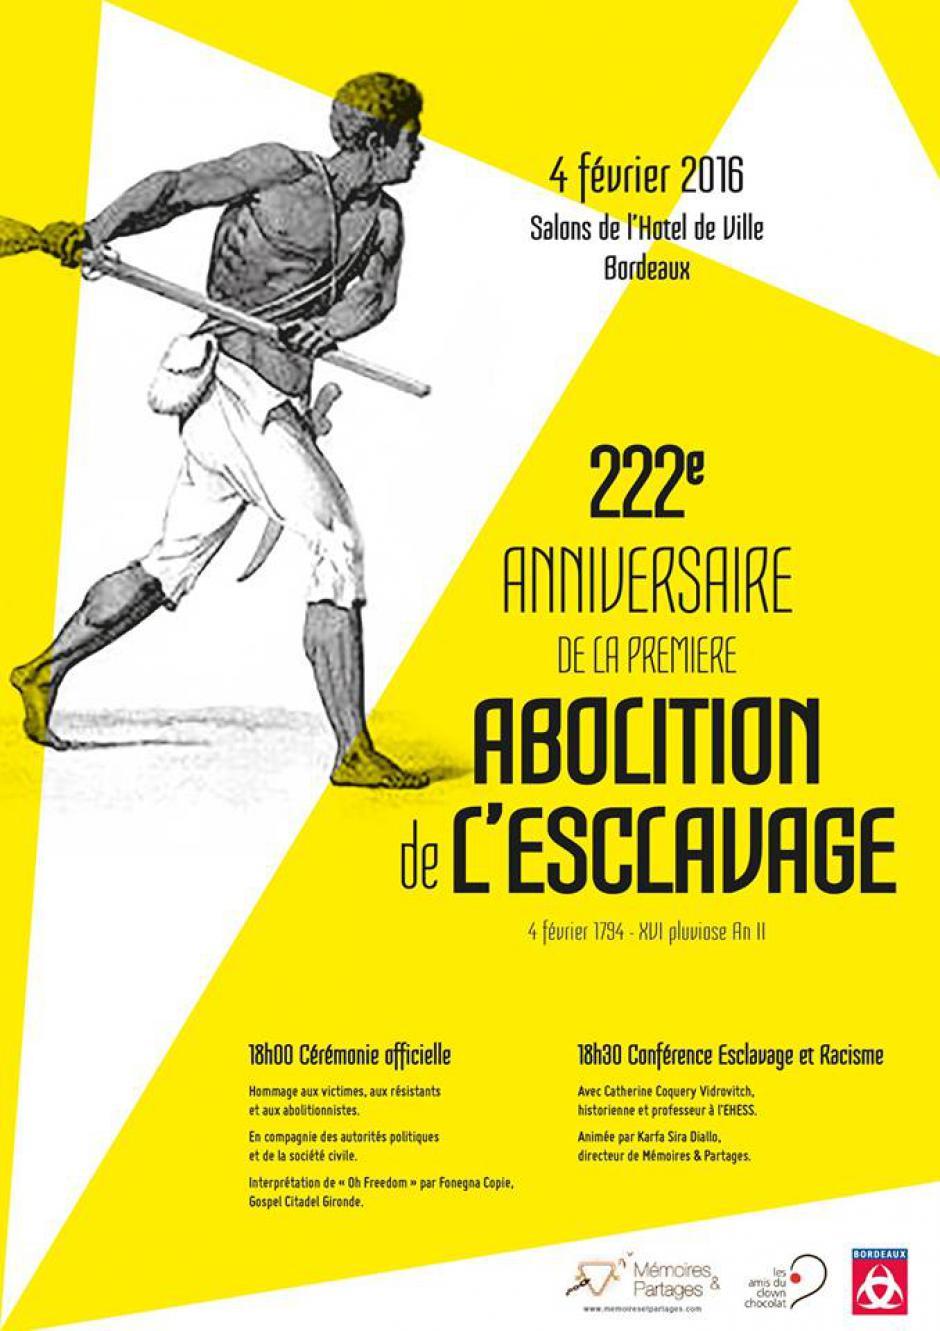 4 février // Cérémonie du 222e anniversaire de la 1ère abolition de l'esclavage